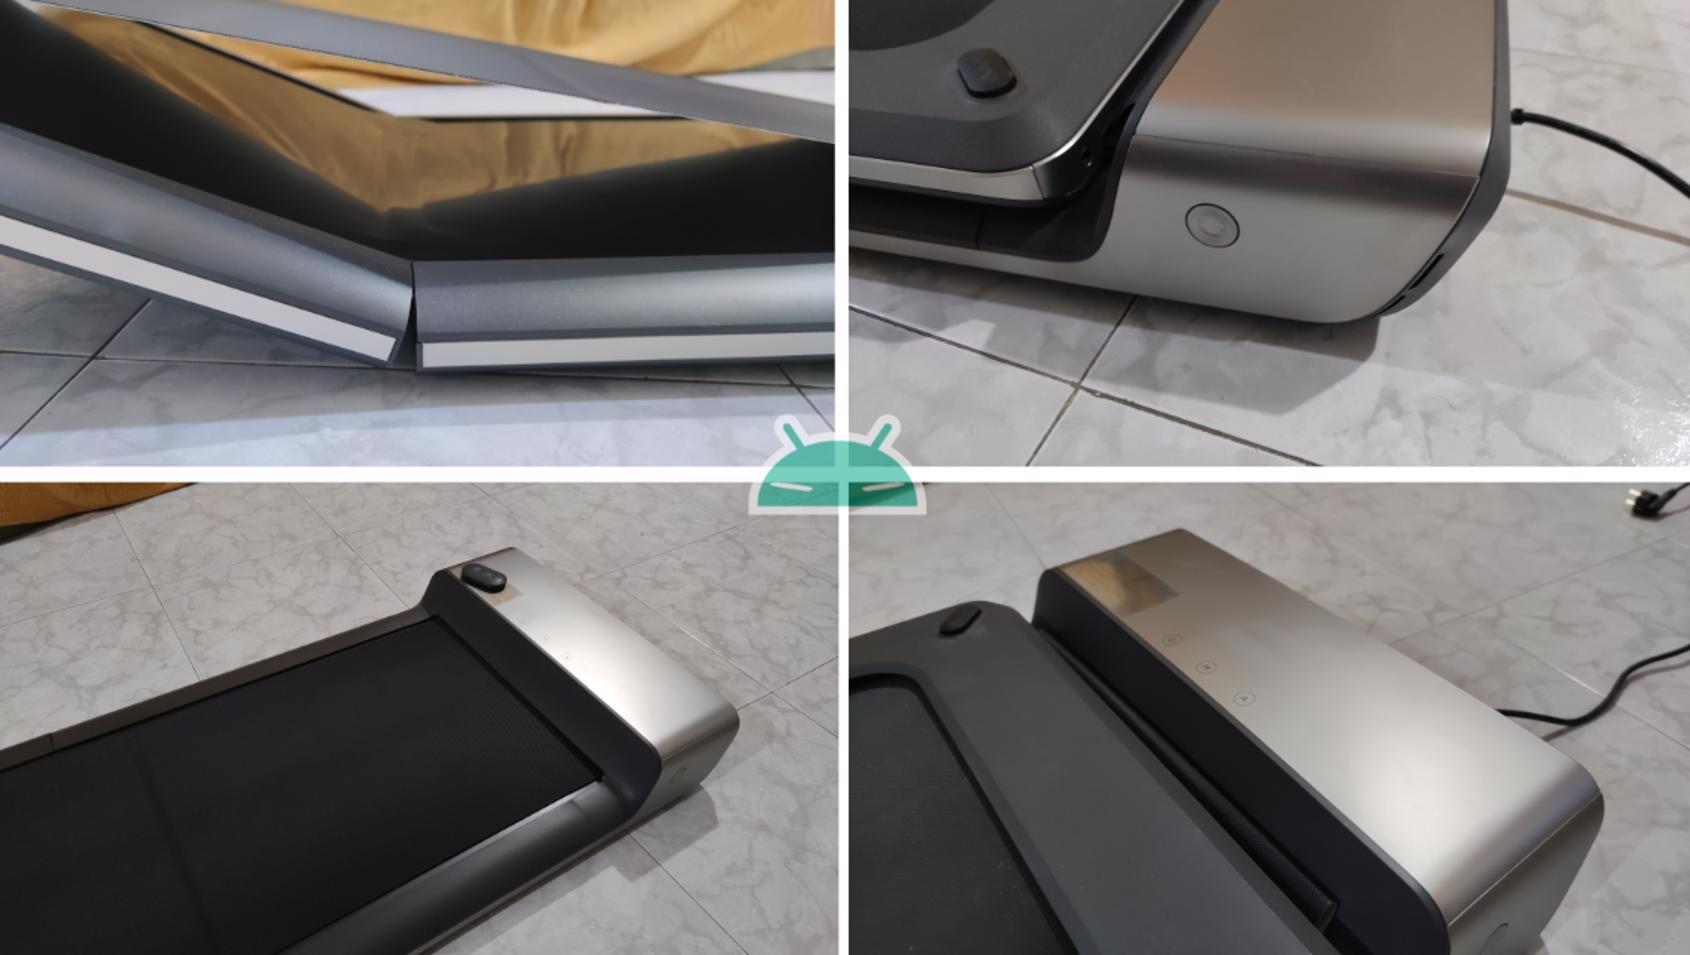 Đánh giá Xiaomi WalkingPad A1: máy chạy bộ tiết kiệm không gian 3